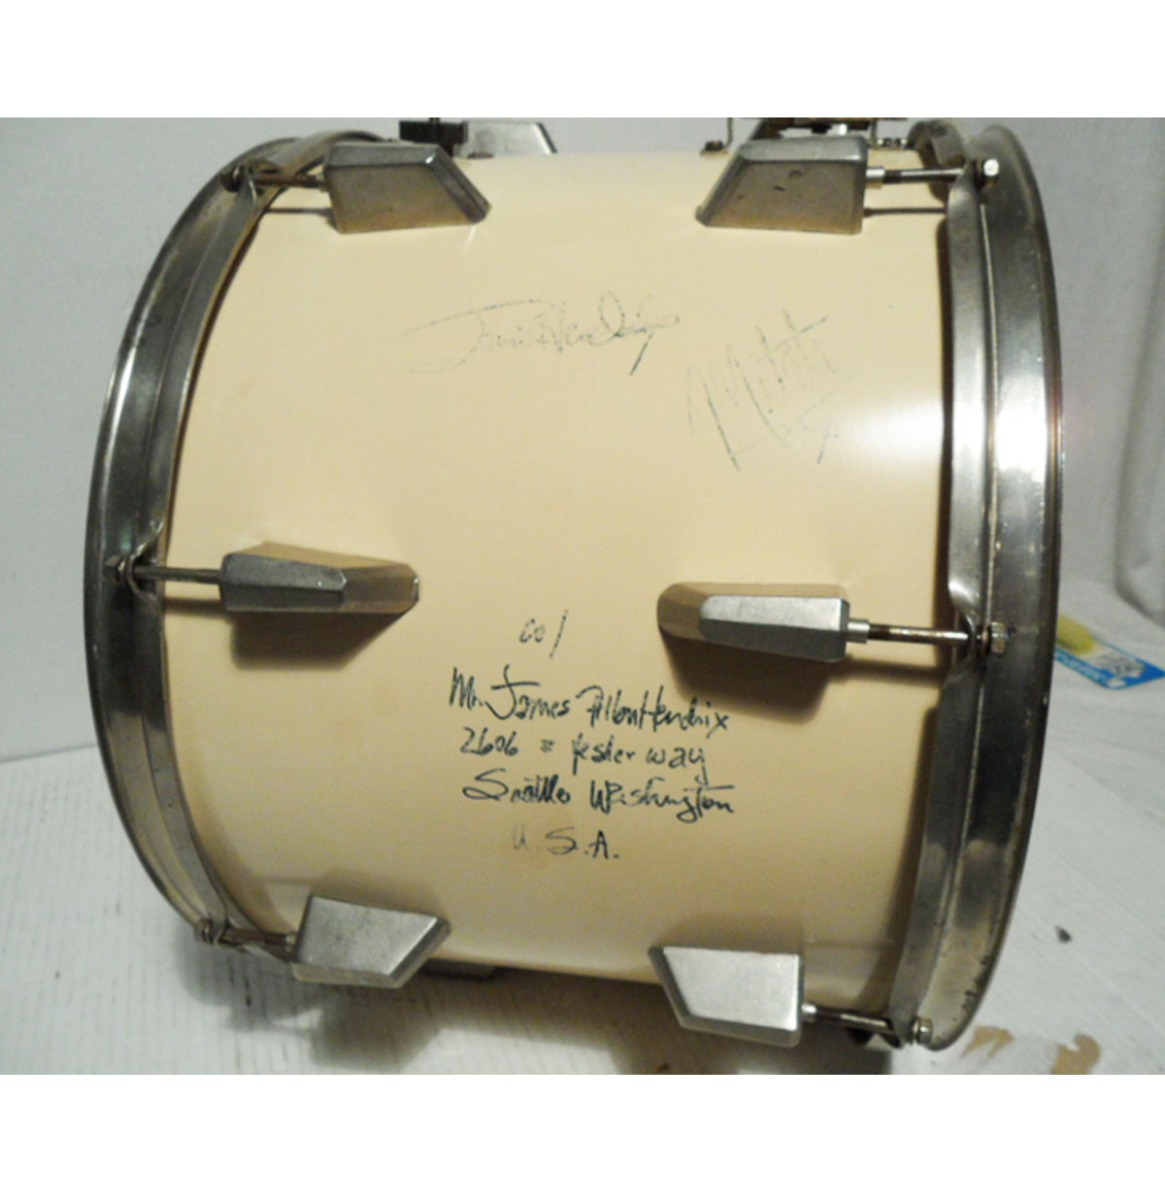 Snare Drum Gesigneerd door Jimi Hendrix en drummer Mitch Mitchell